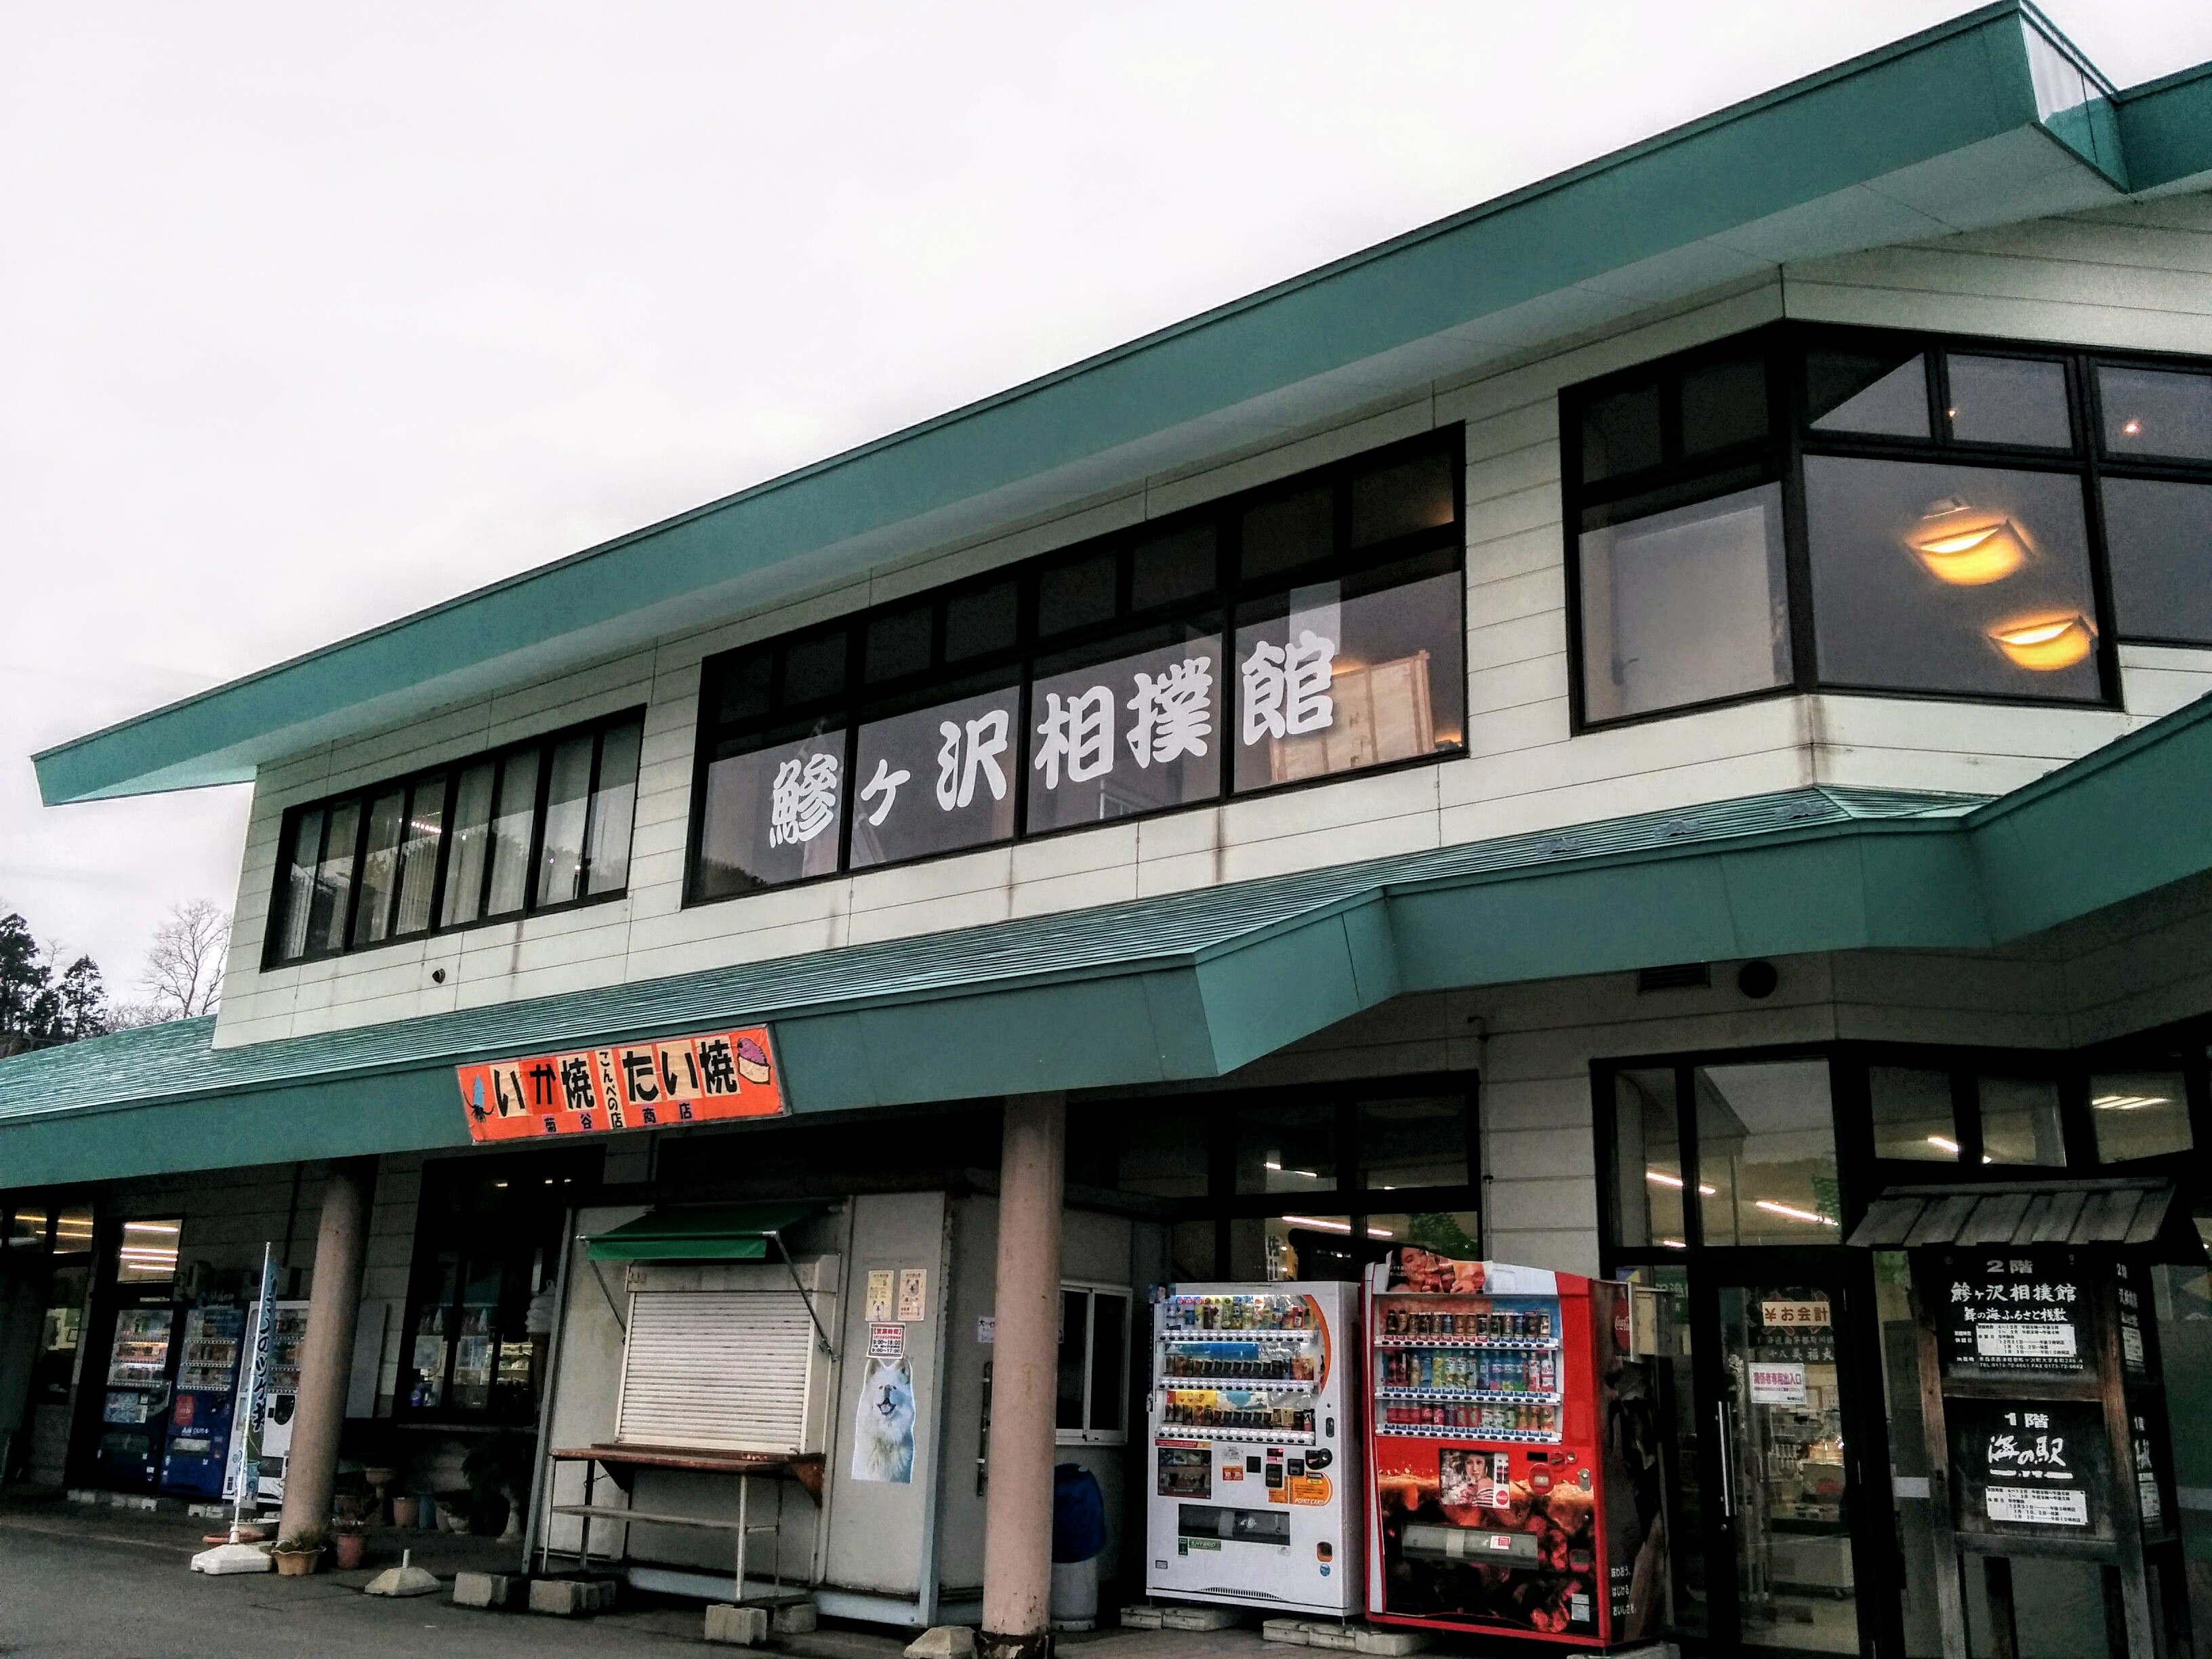 【西津軽】鯵ヶ沢相撲館観光案内です。